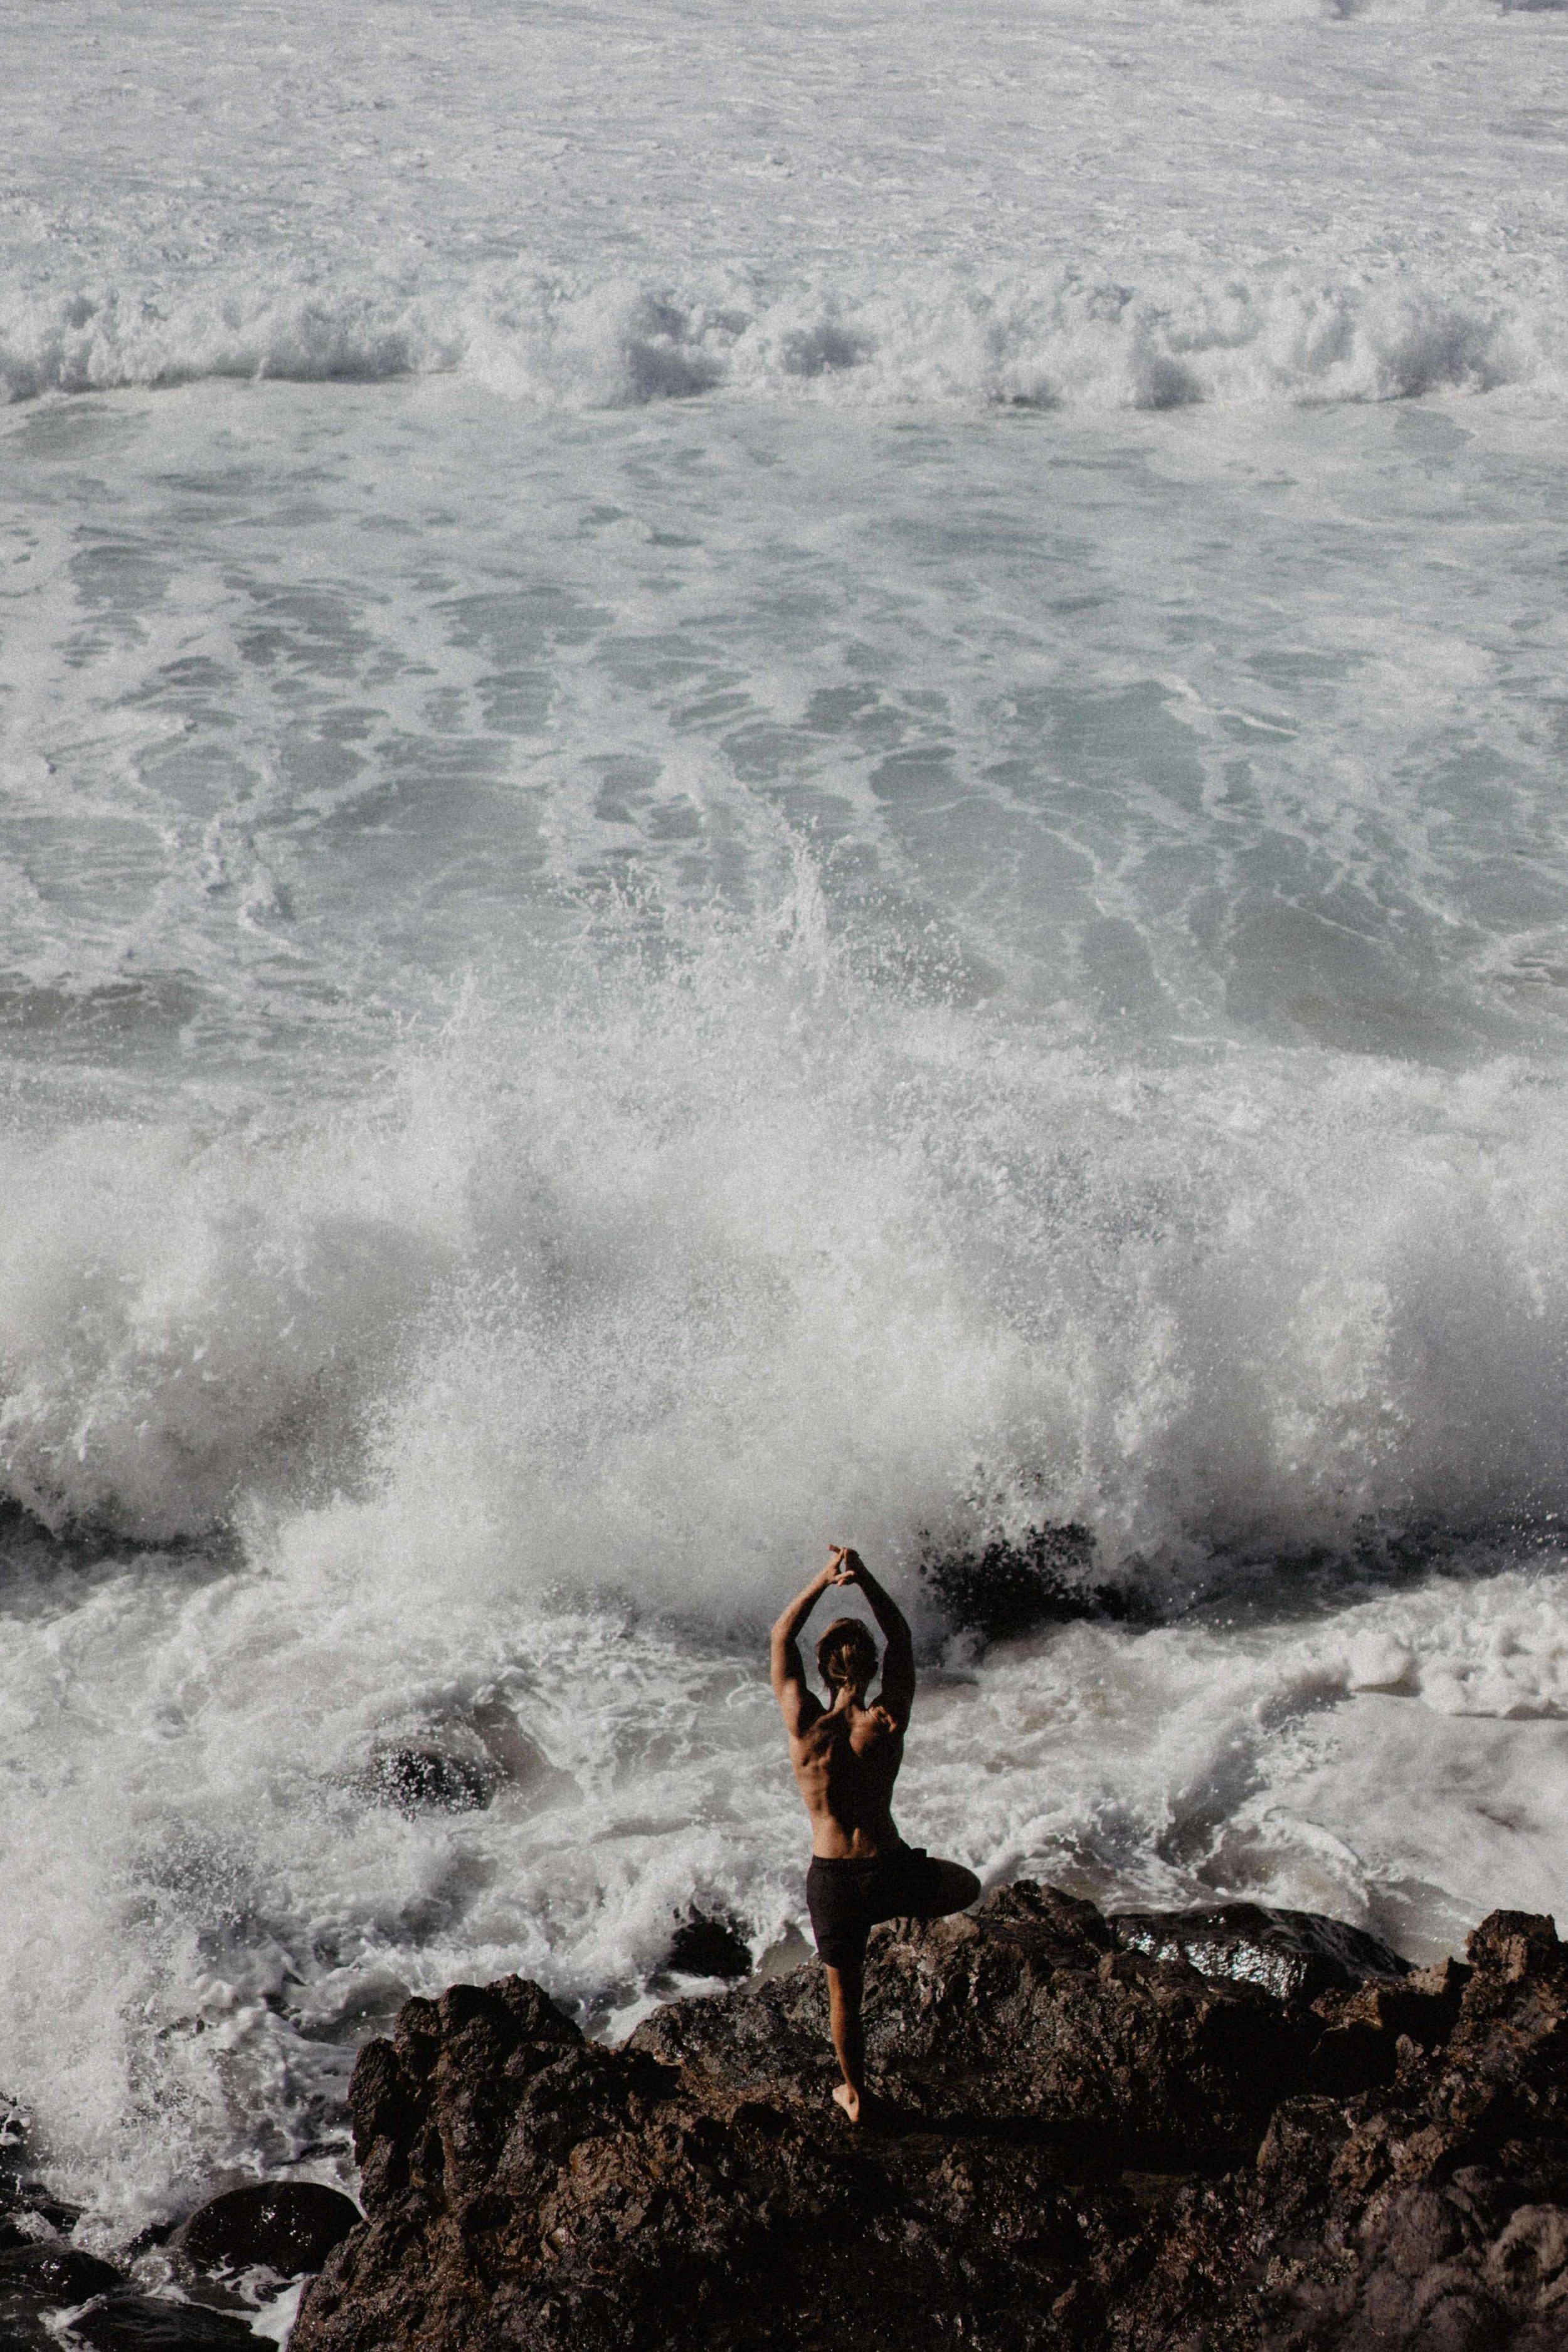 erik_winter_surf_surfing_1016.jpg